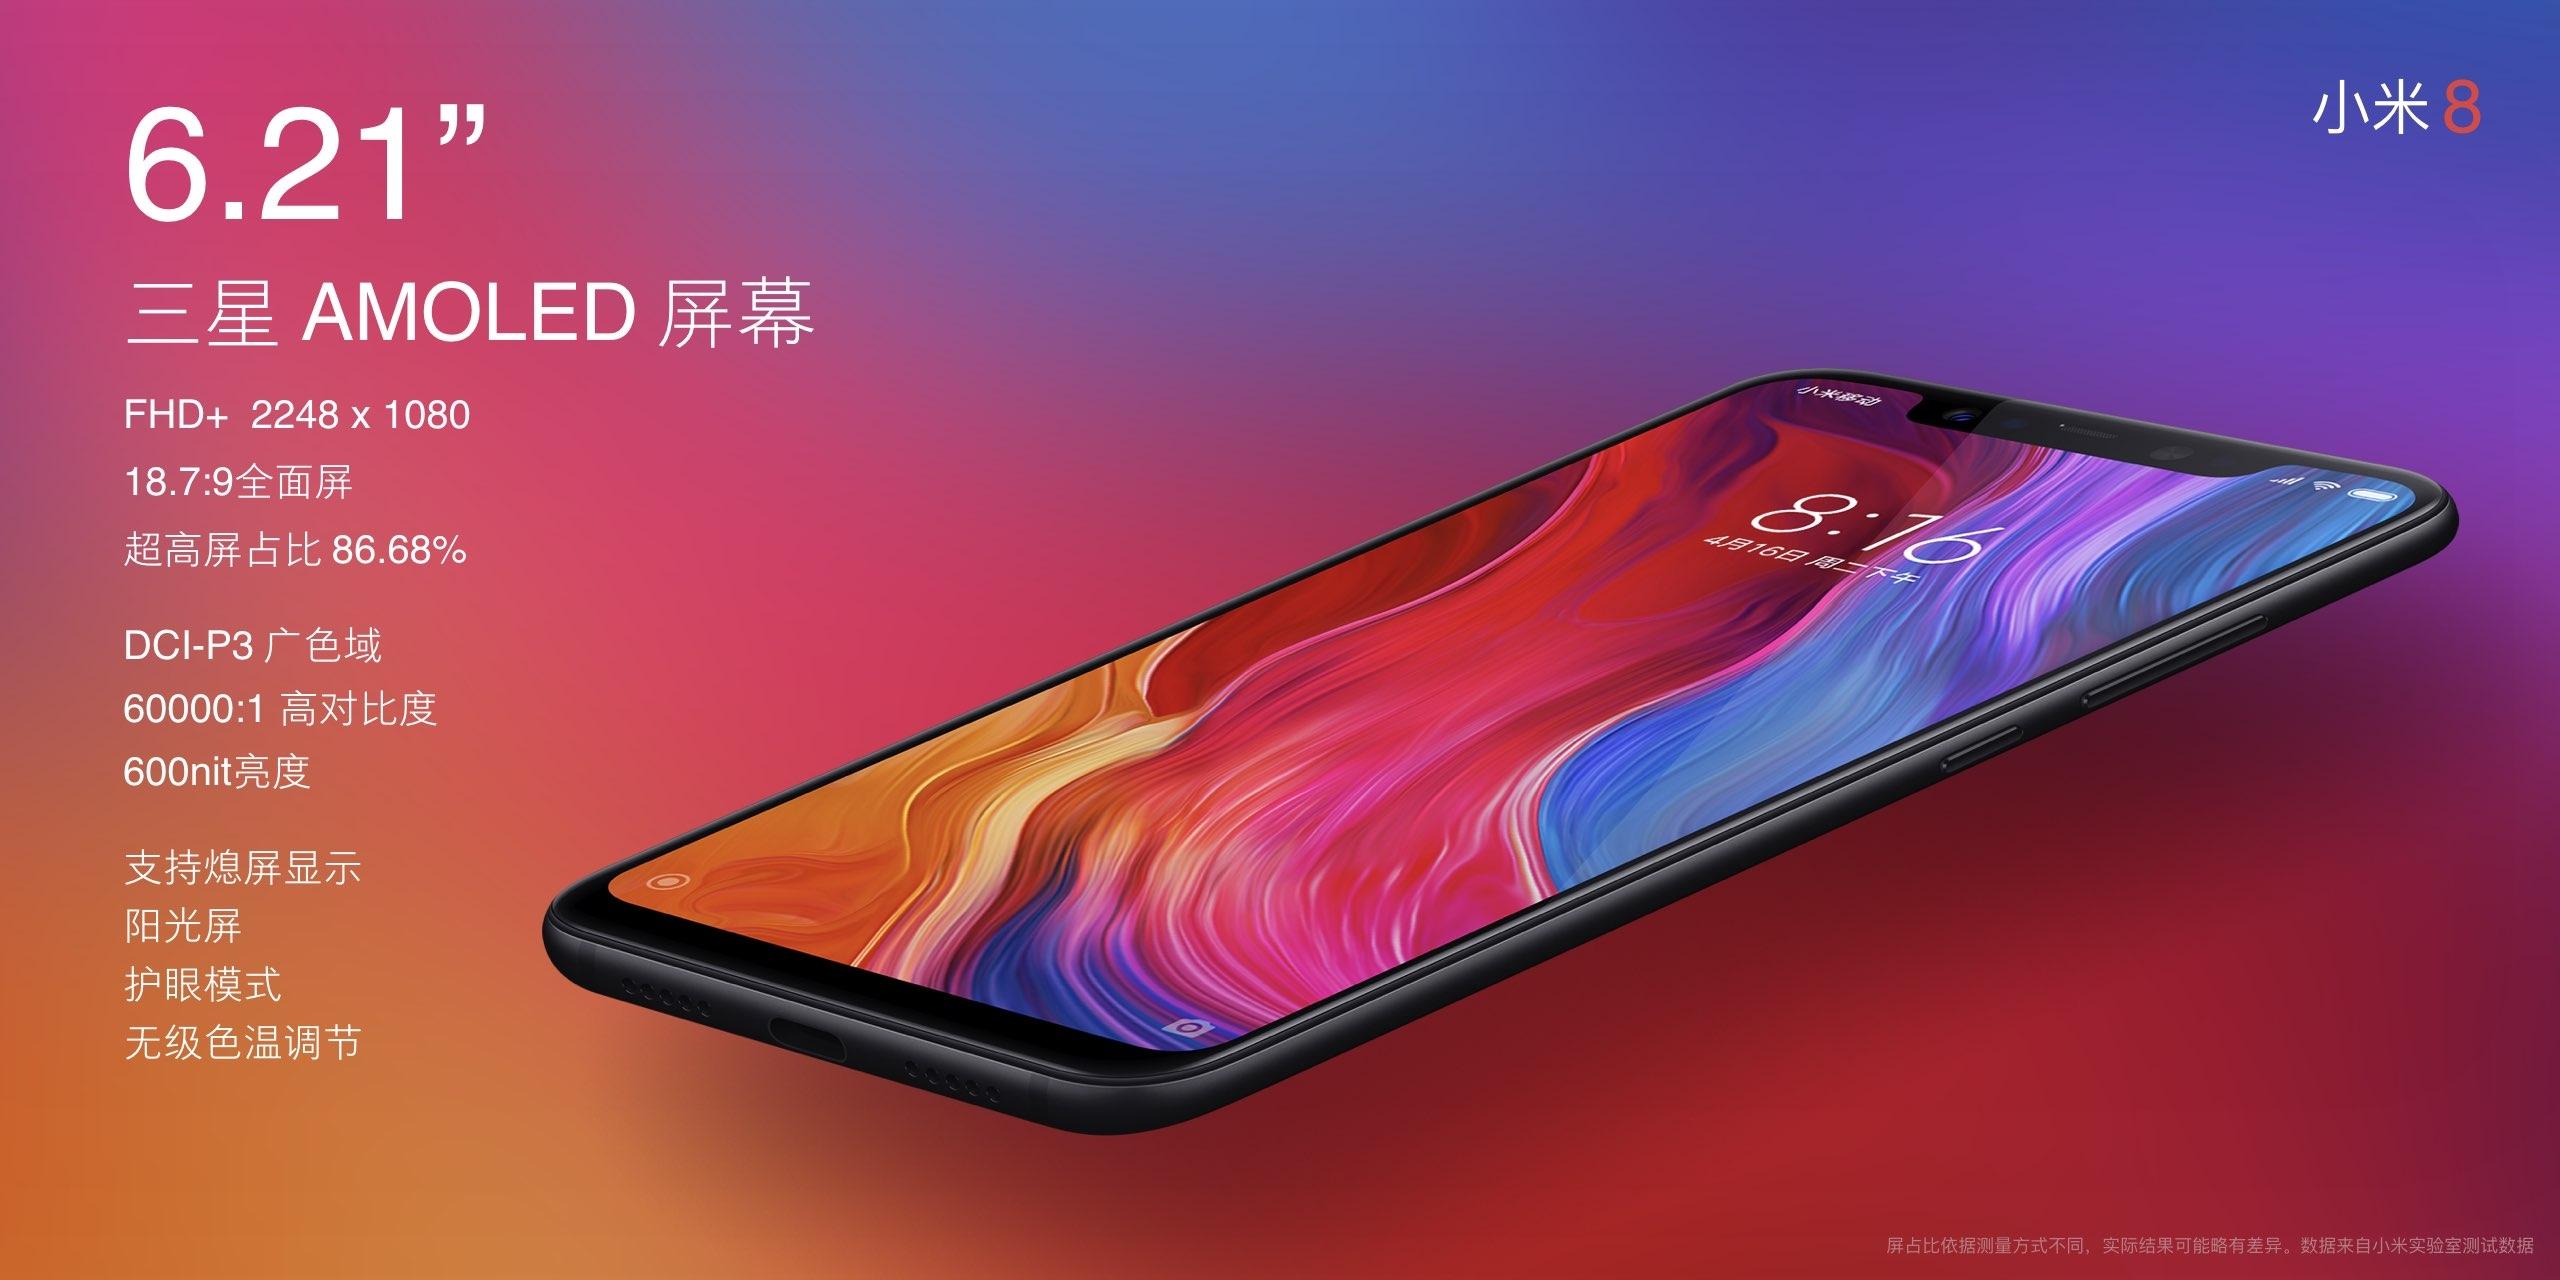 Xiaomi chính thức ra mắt Mi 8/ EE/ SE: Face ID, màn hình tai thỏ, cảm biến vân tay dưới màn hình hình 3